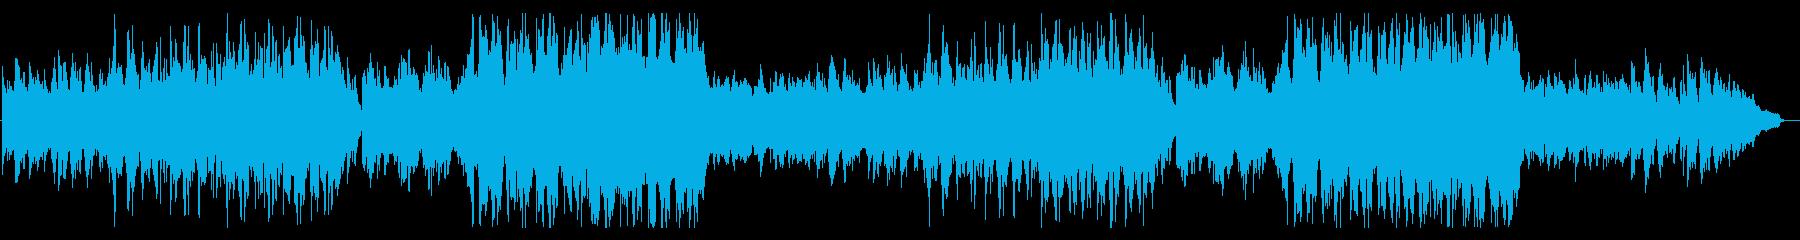 宇宙を感じる、近未来的ヒーリング音楽の再生済みの波形